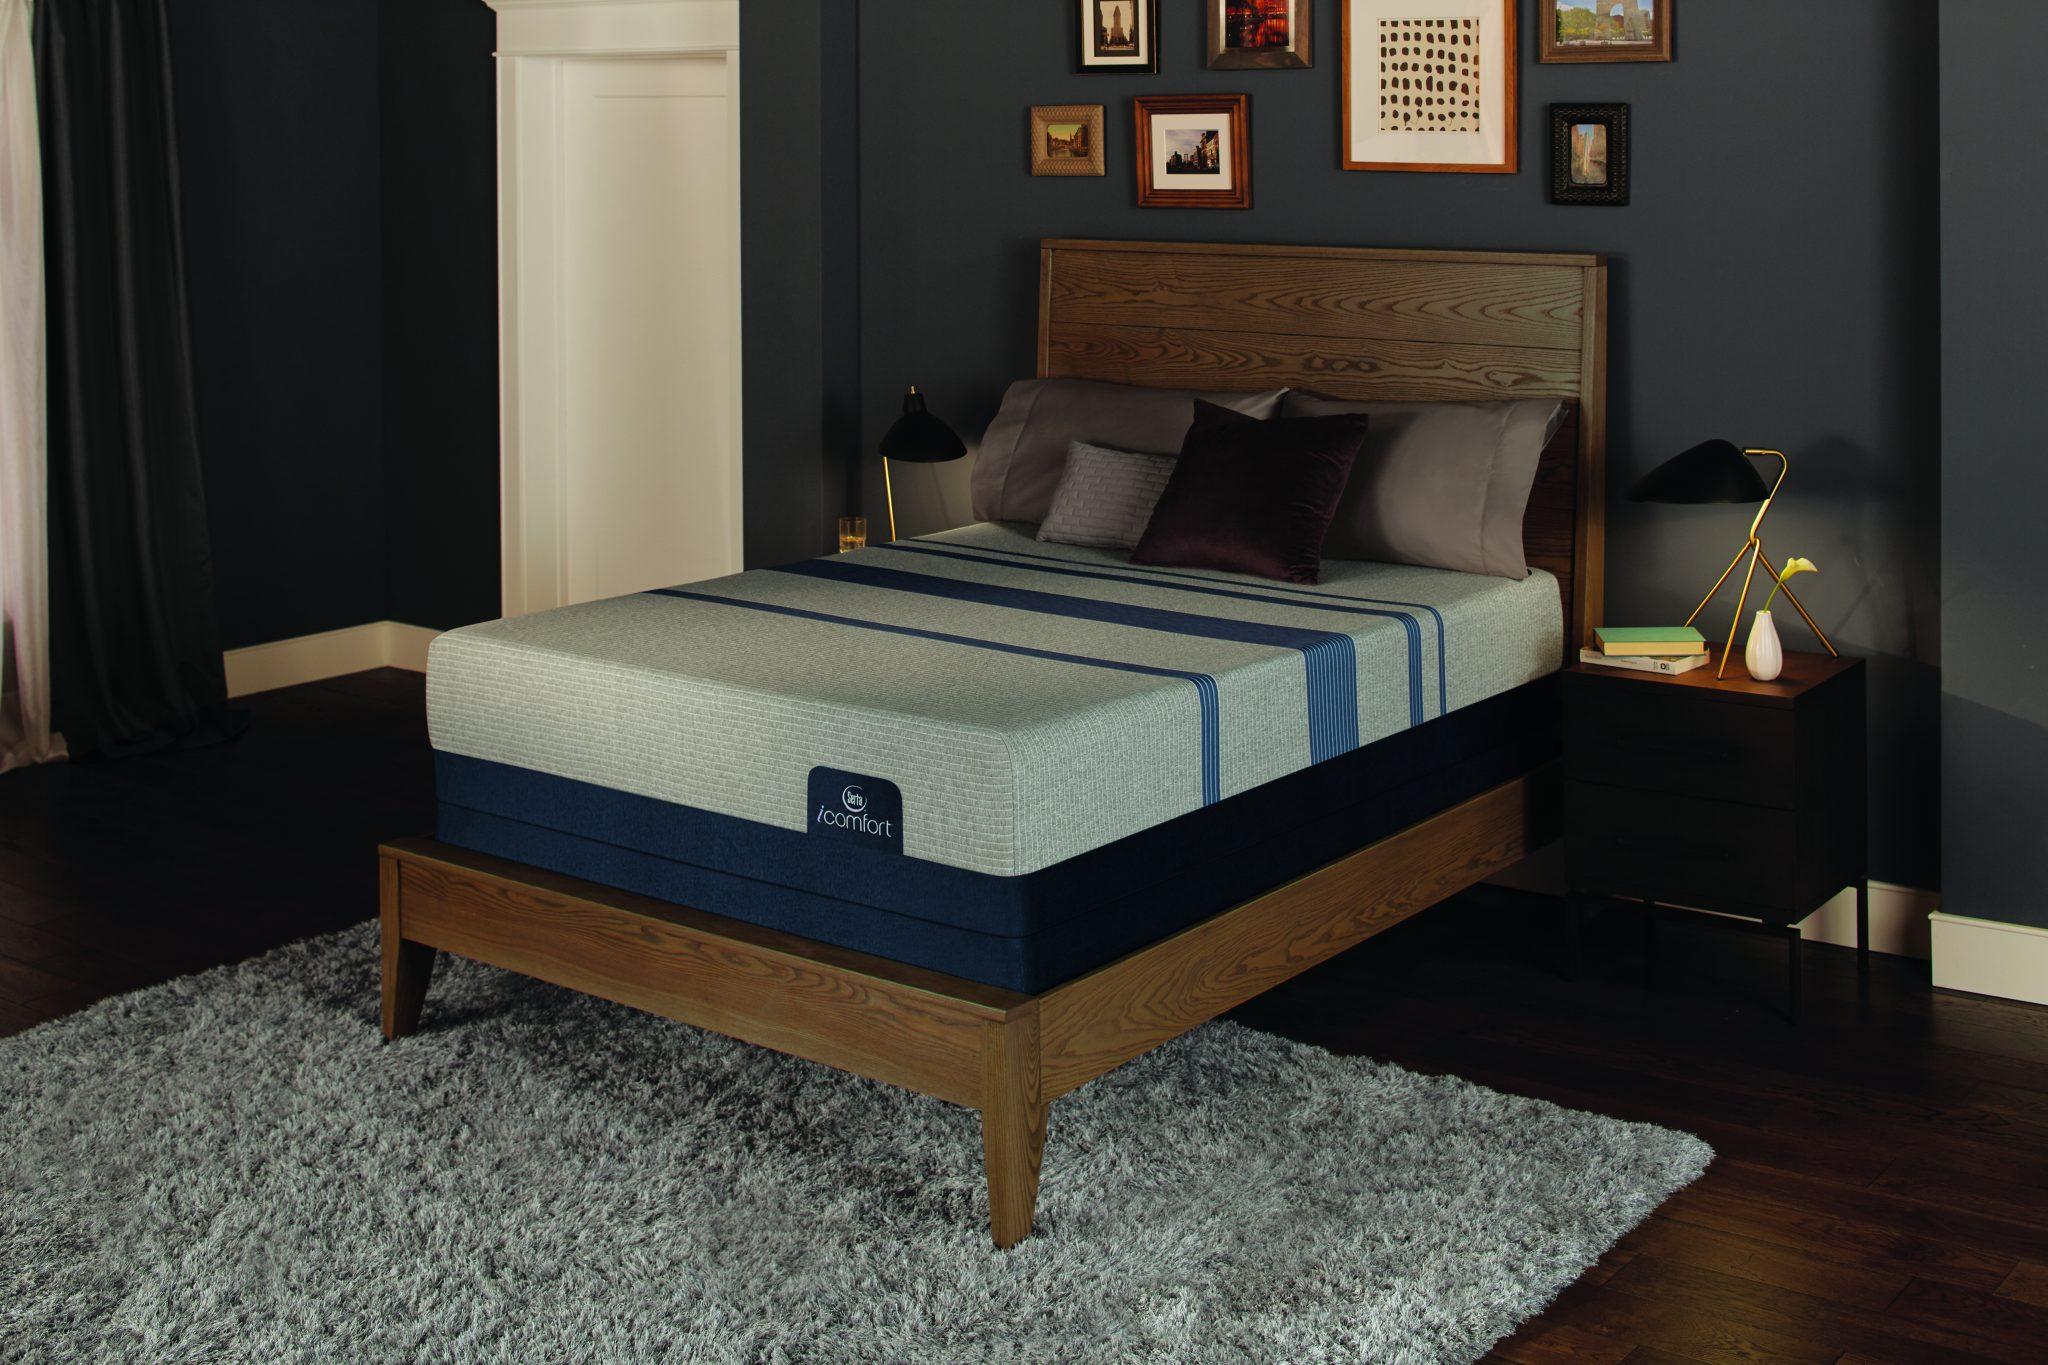 iComfort Blue Max 1000 Firm Mattress   Best Mattress   Las Vegas